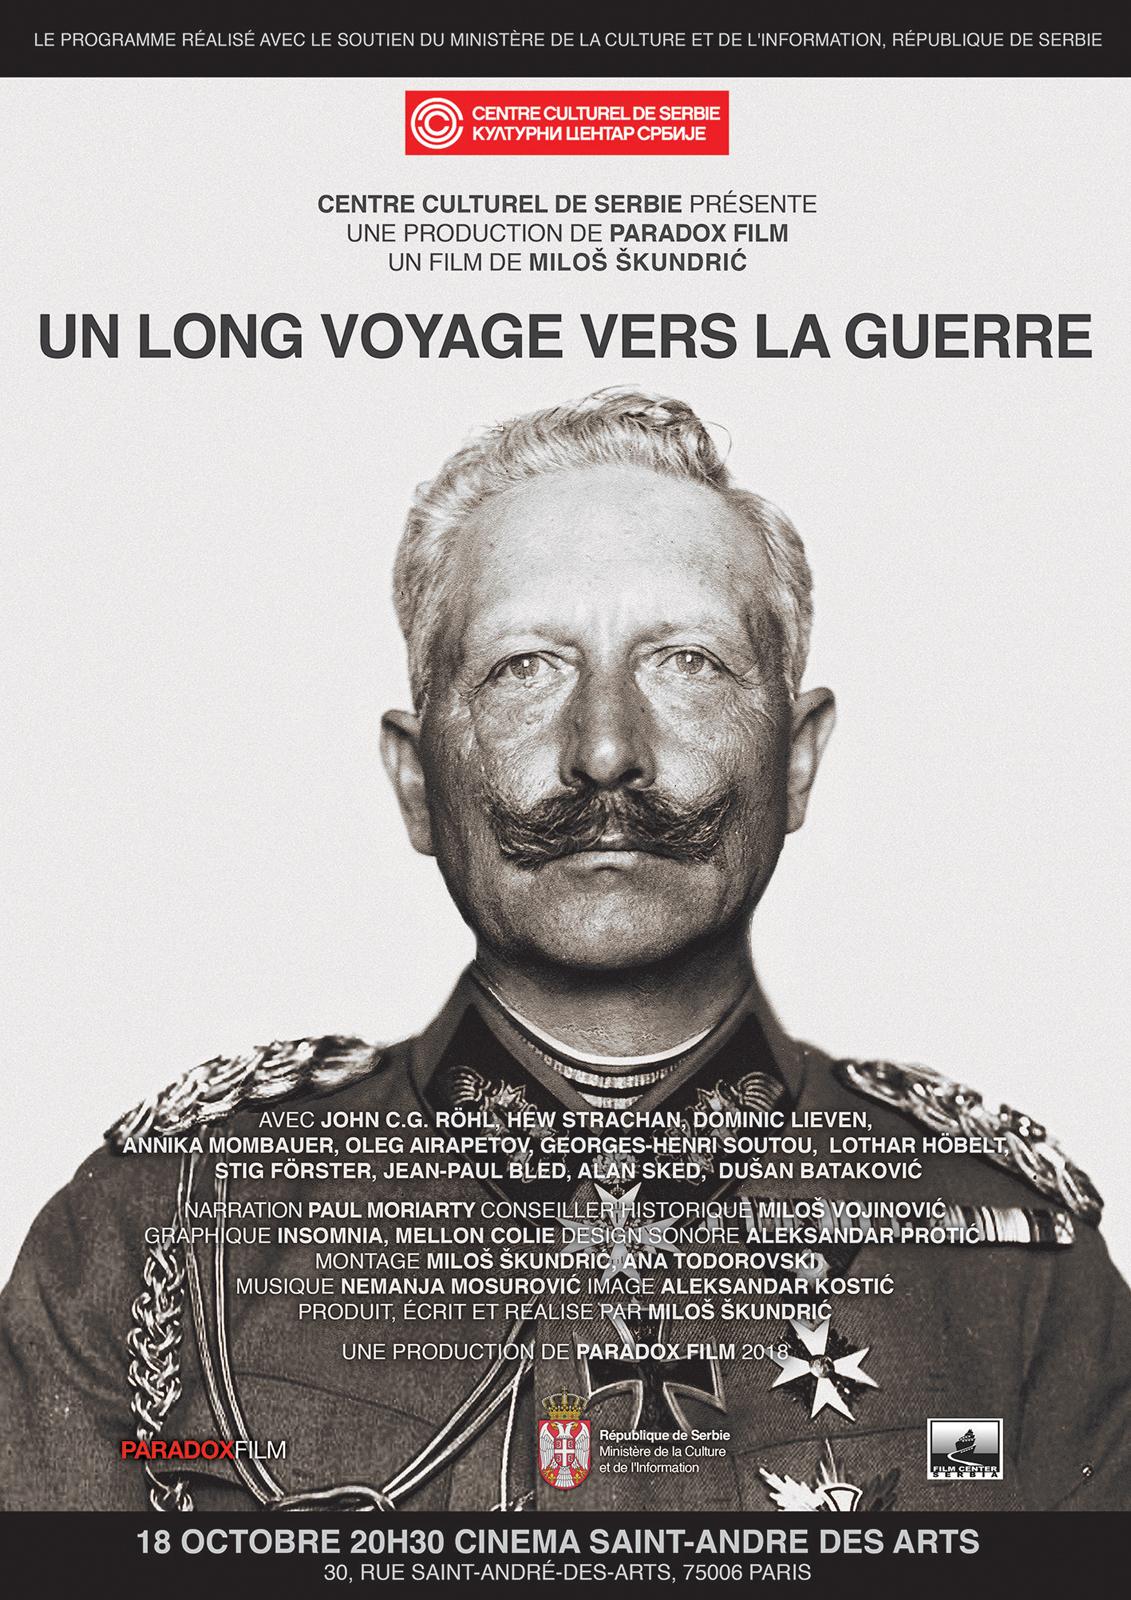 Un long voyage vers la guerre